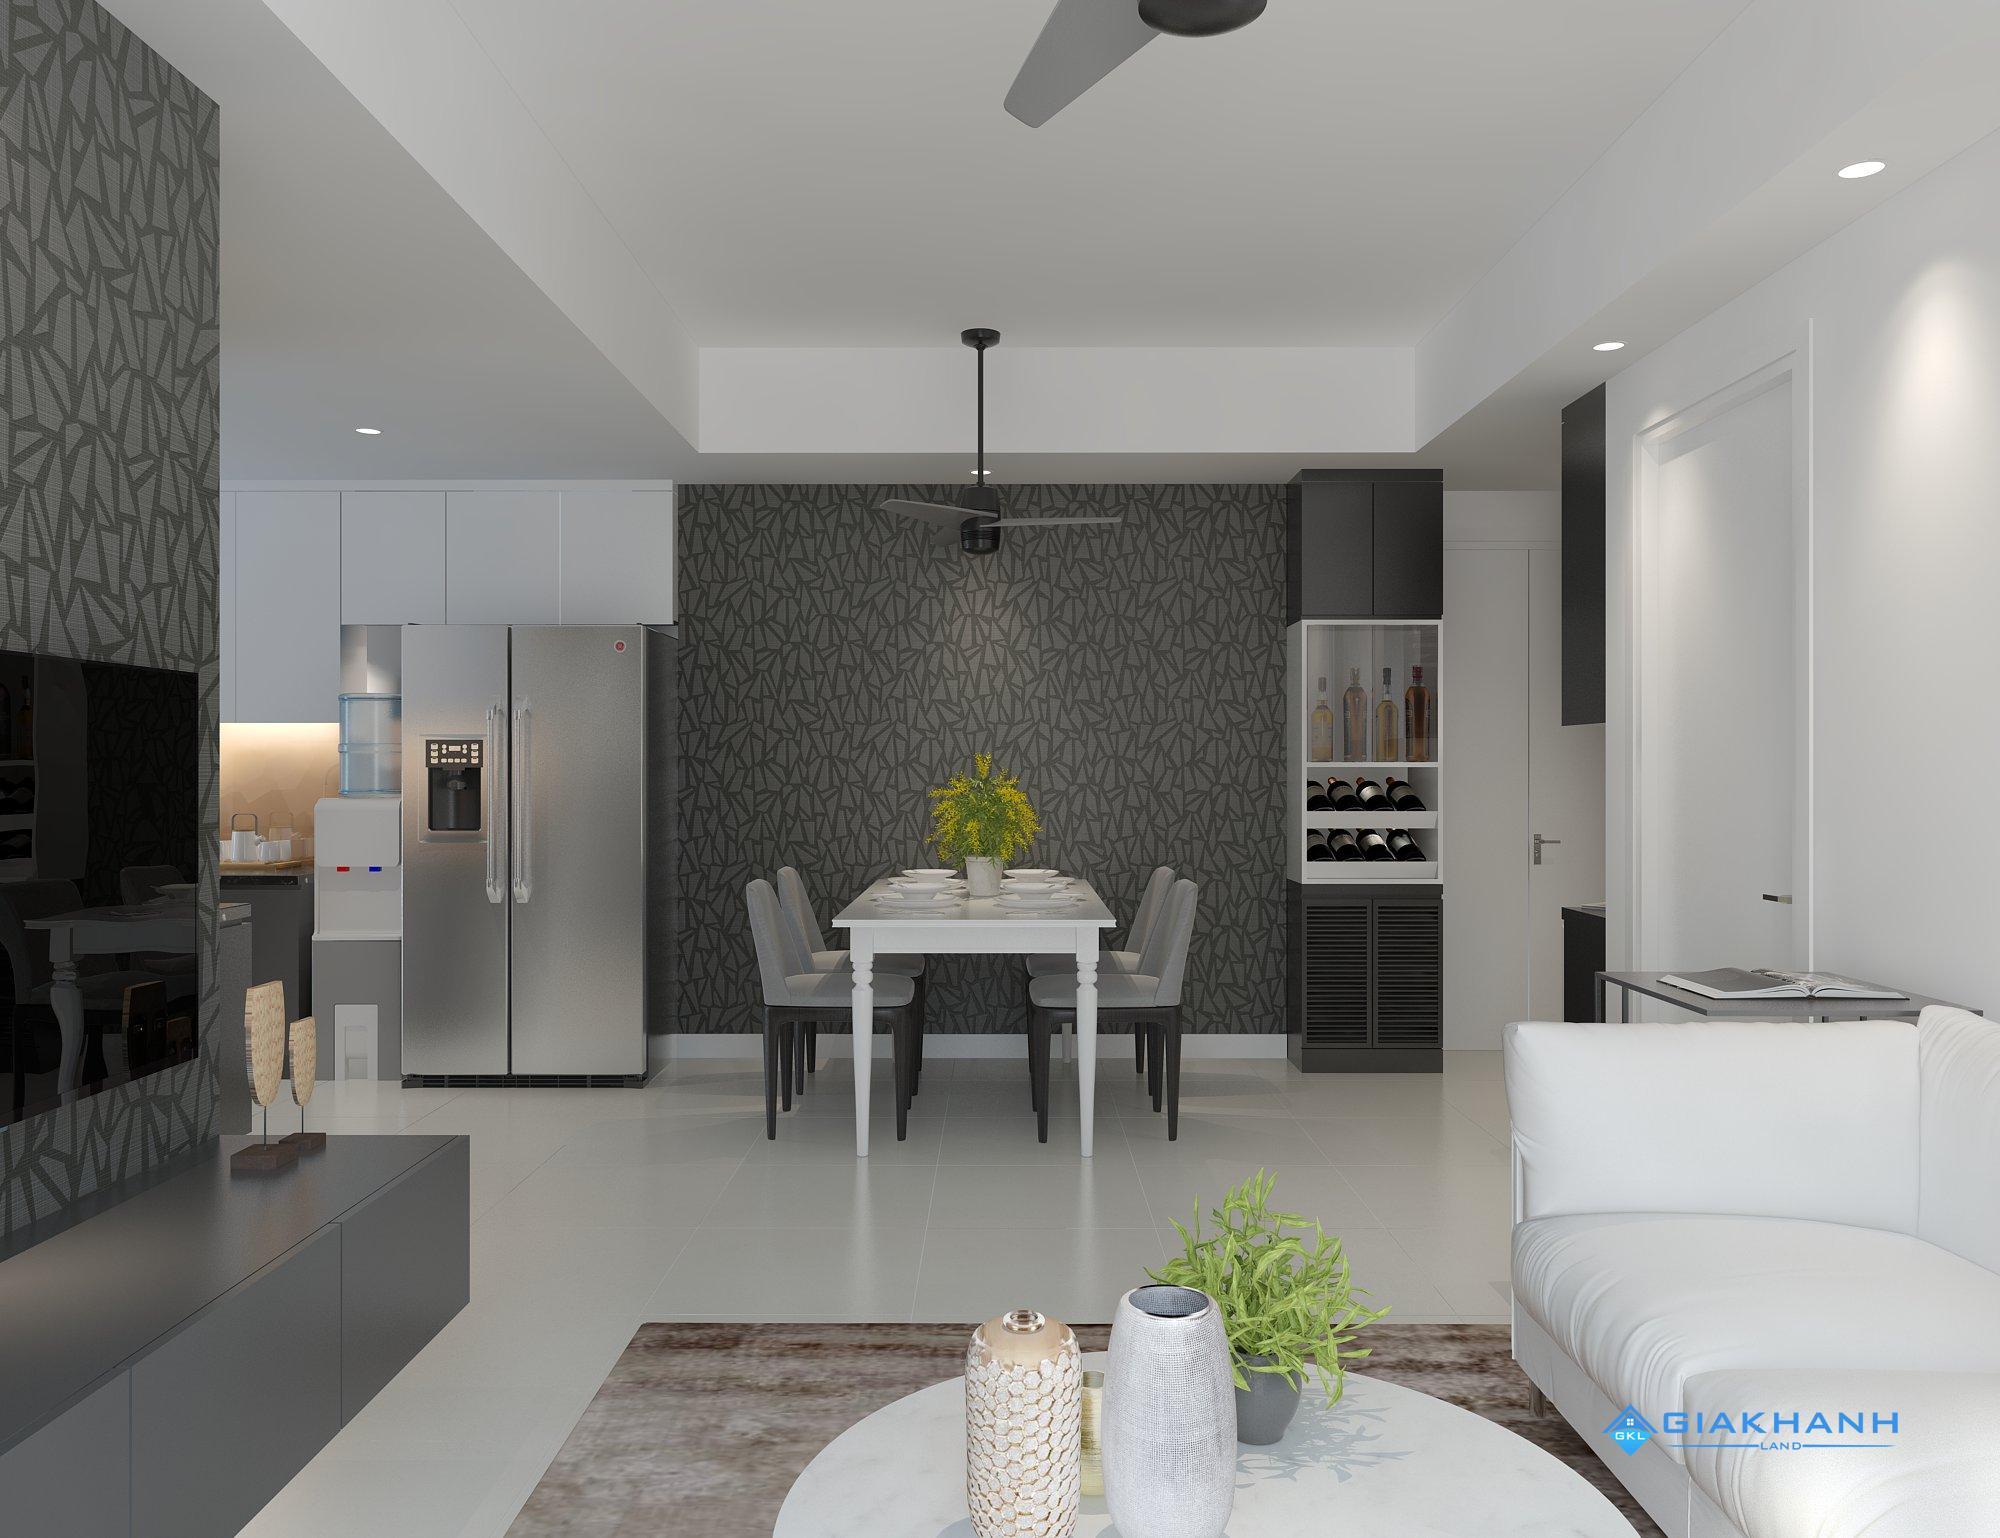 Kinh nghiệm thuê căn hộ chung cư Bình Chánh